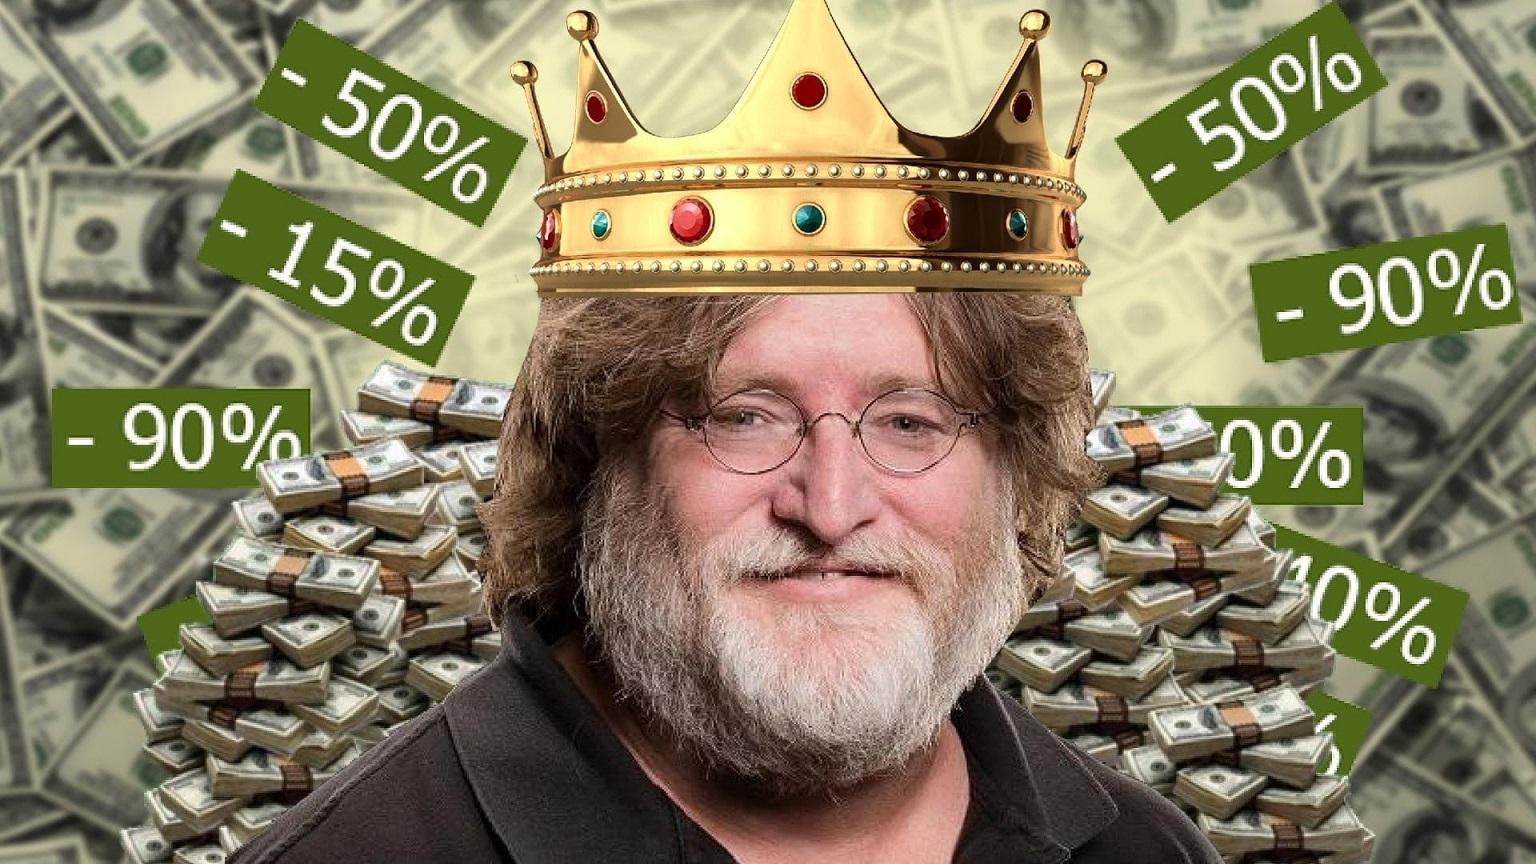 В Steam стартовала зимняя распродажа. Огромные скидки на лучшие ААА-игры последних лет!